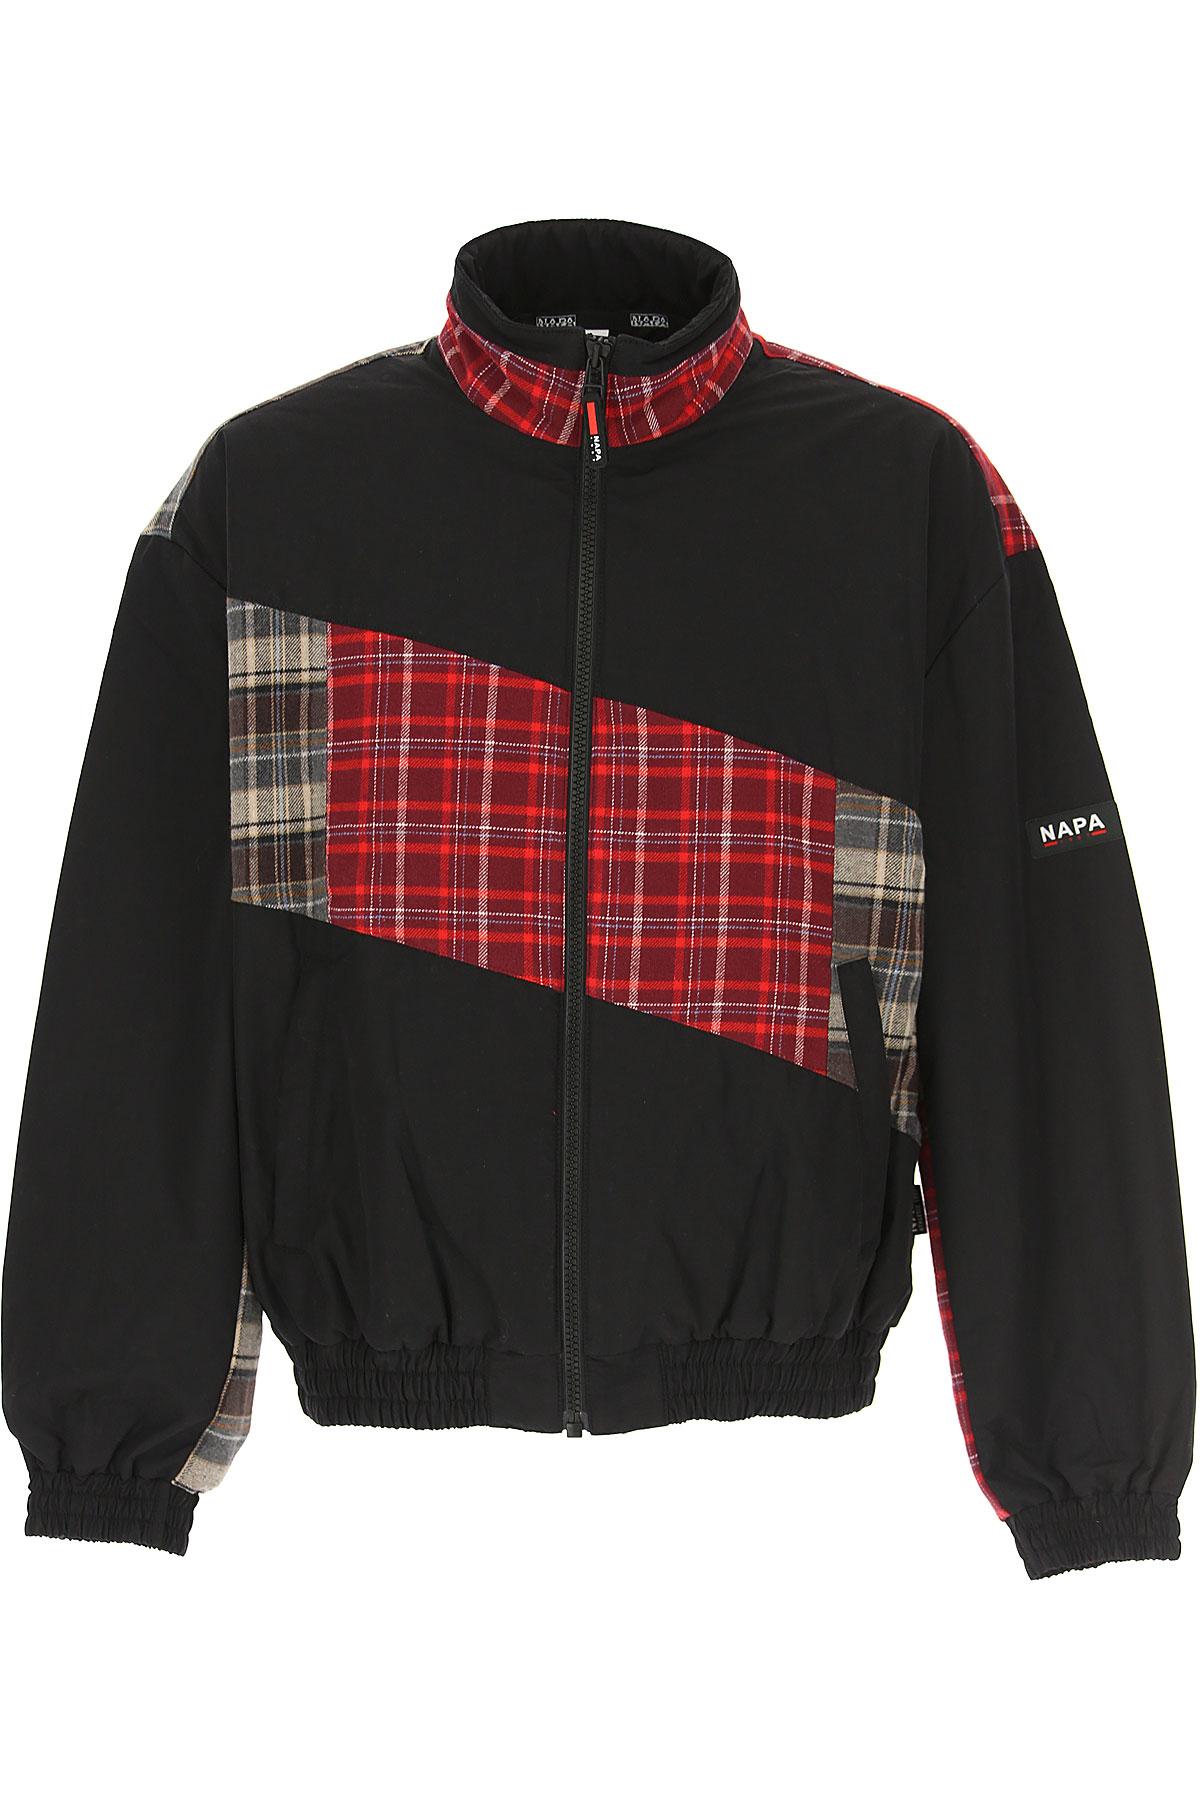 Napapijri Jacket for Men On Sale, Black, Cotton, 2019, L M S